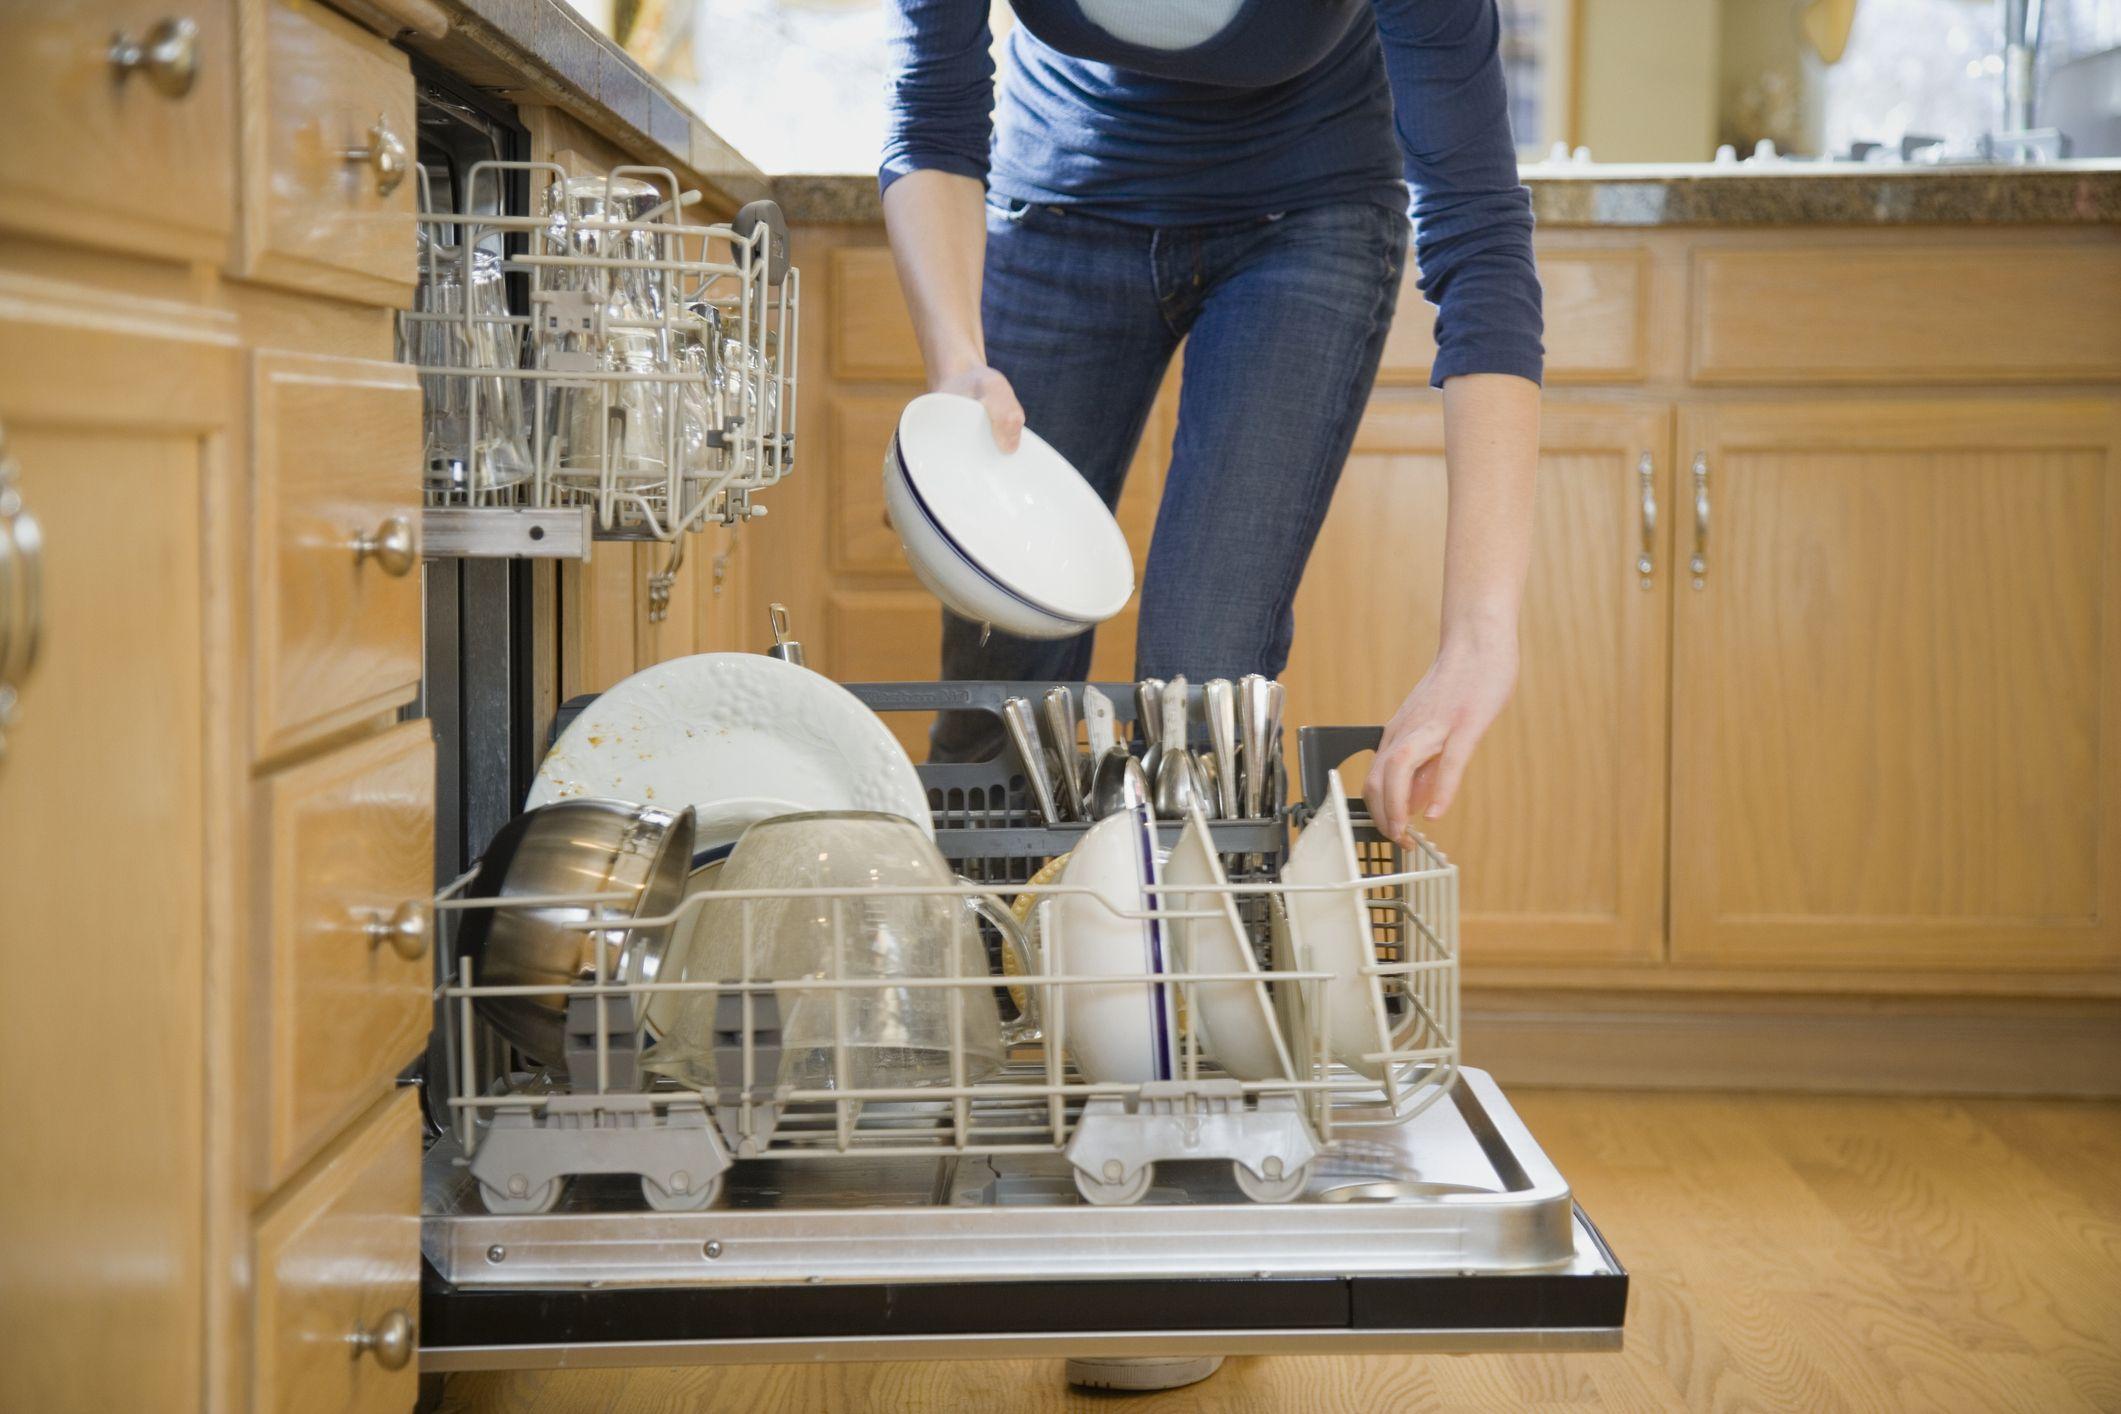 Как пользоваться посудомоечной машиной правильно — первый запуск и последующая эксплуатация